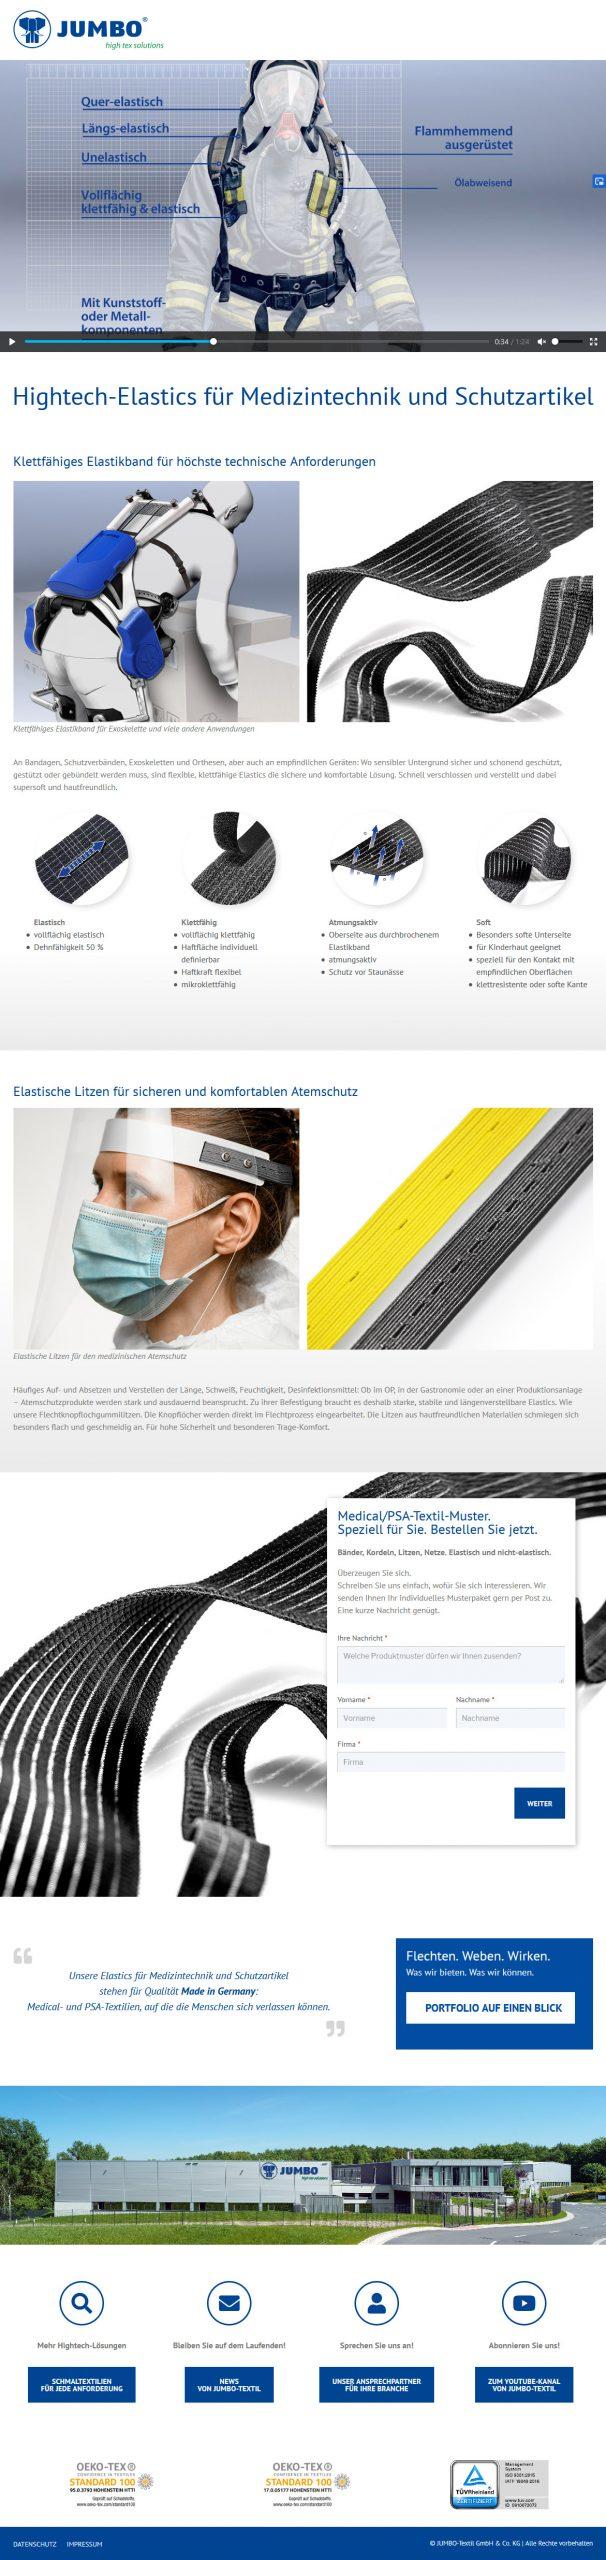 Newsletter_Medical_JUMBO_Textil